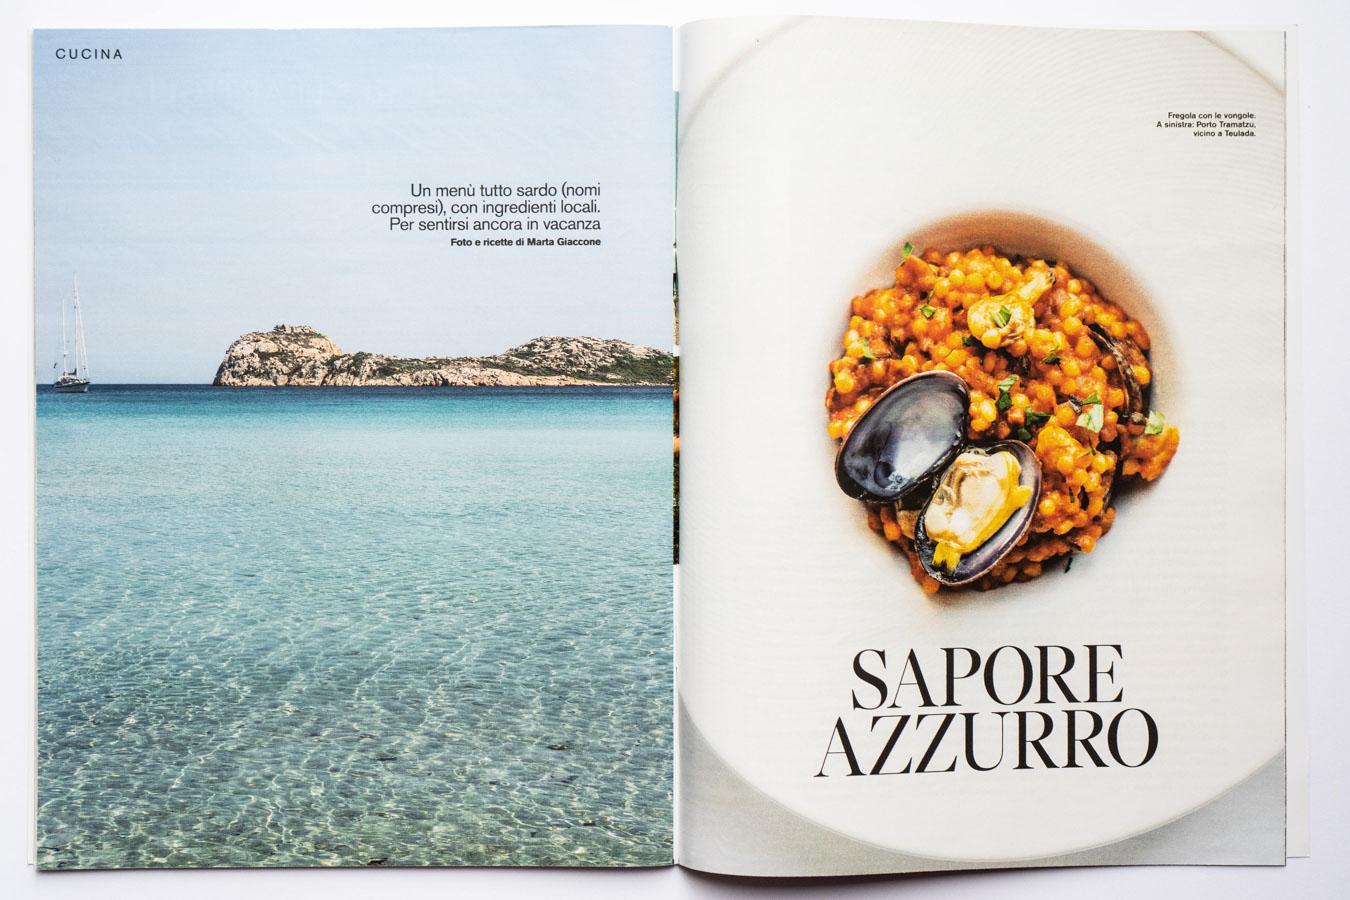 Travel and Food editorial, Sud Sardegna, by Marta Giaccone, D di Repubblica 24 agosto 2019